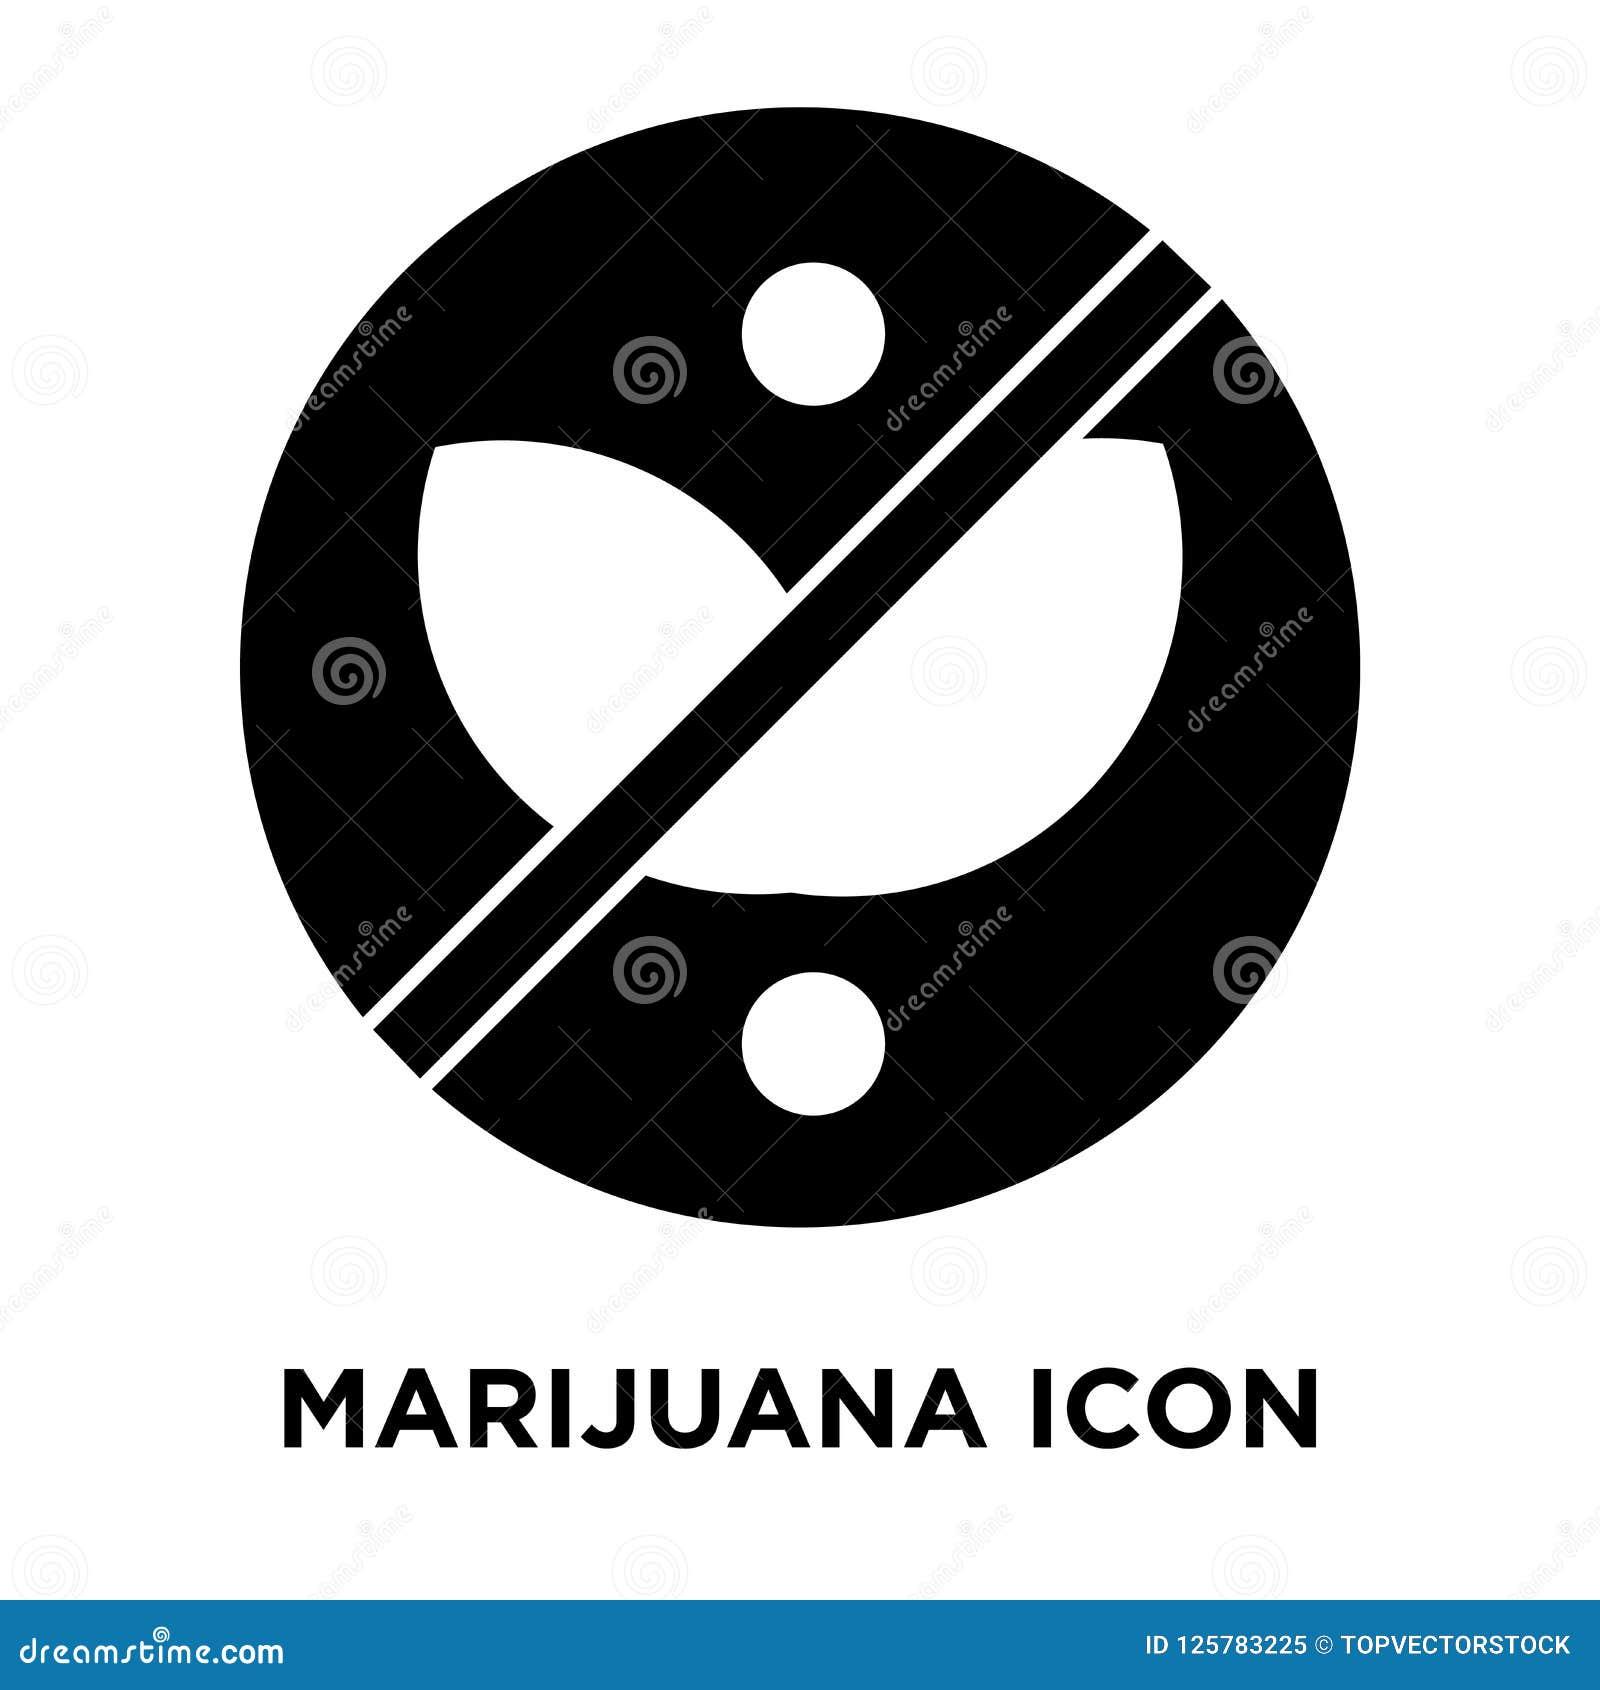 Vetor do ícone da marijuana isolado no fundo branco, conceito do logotipo